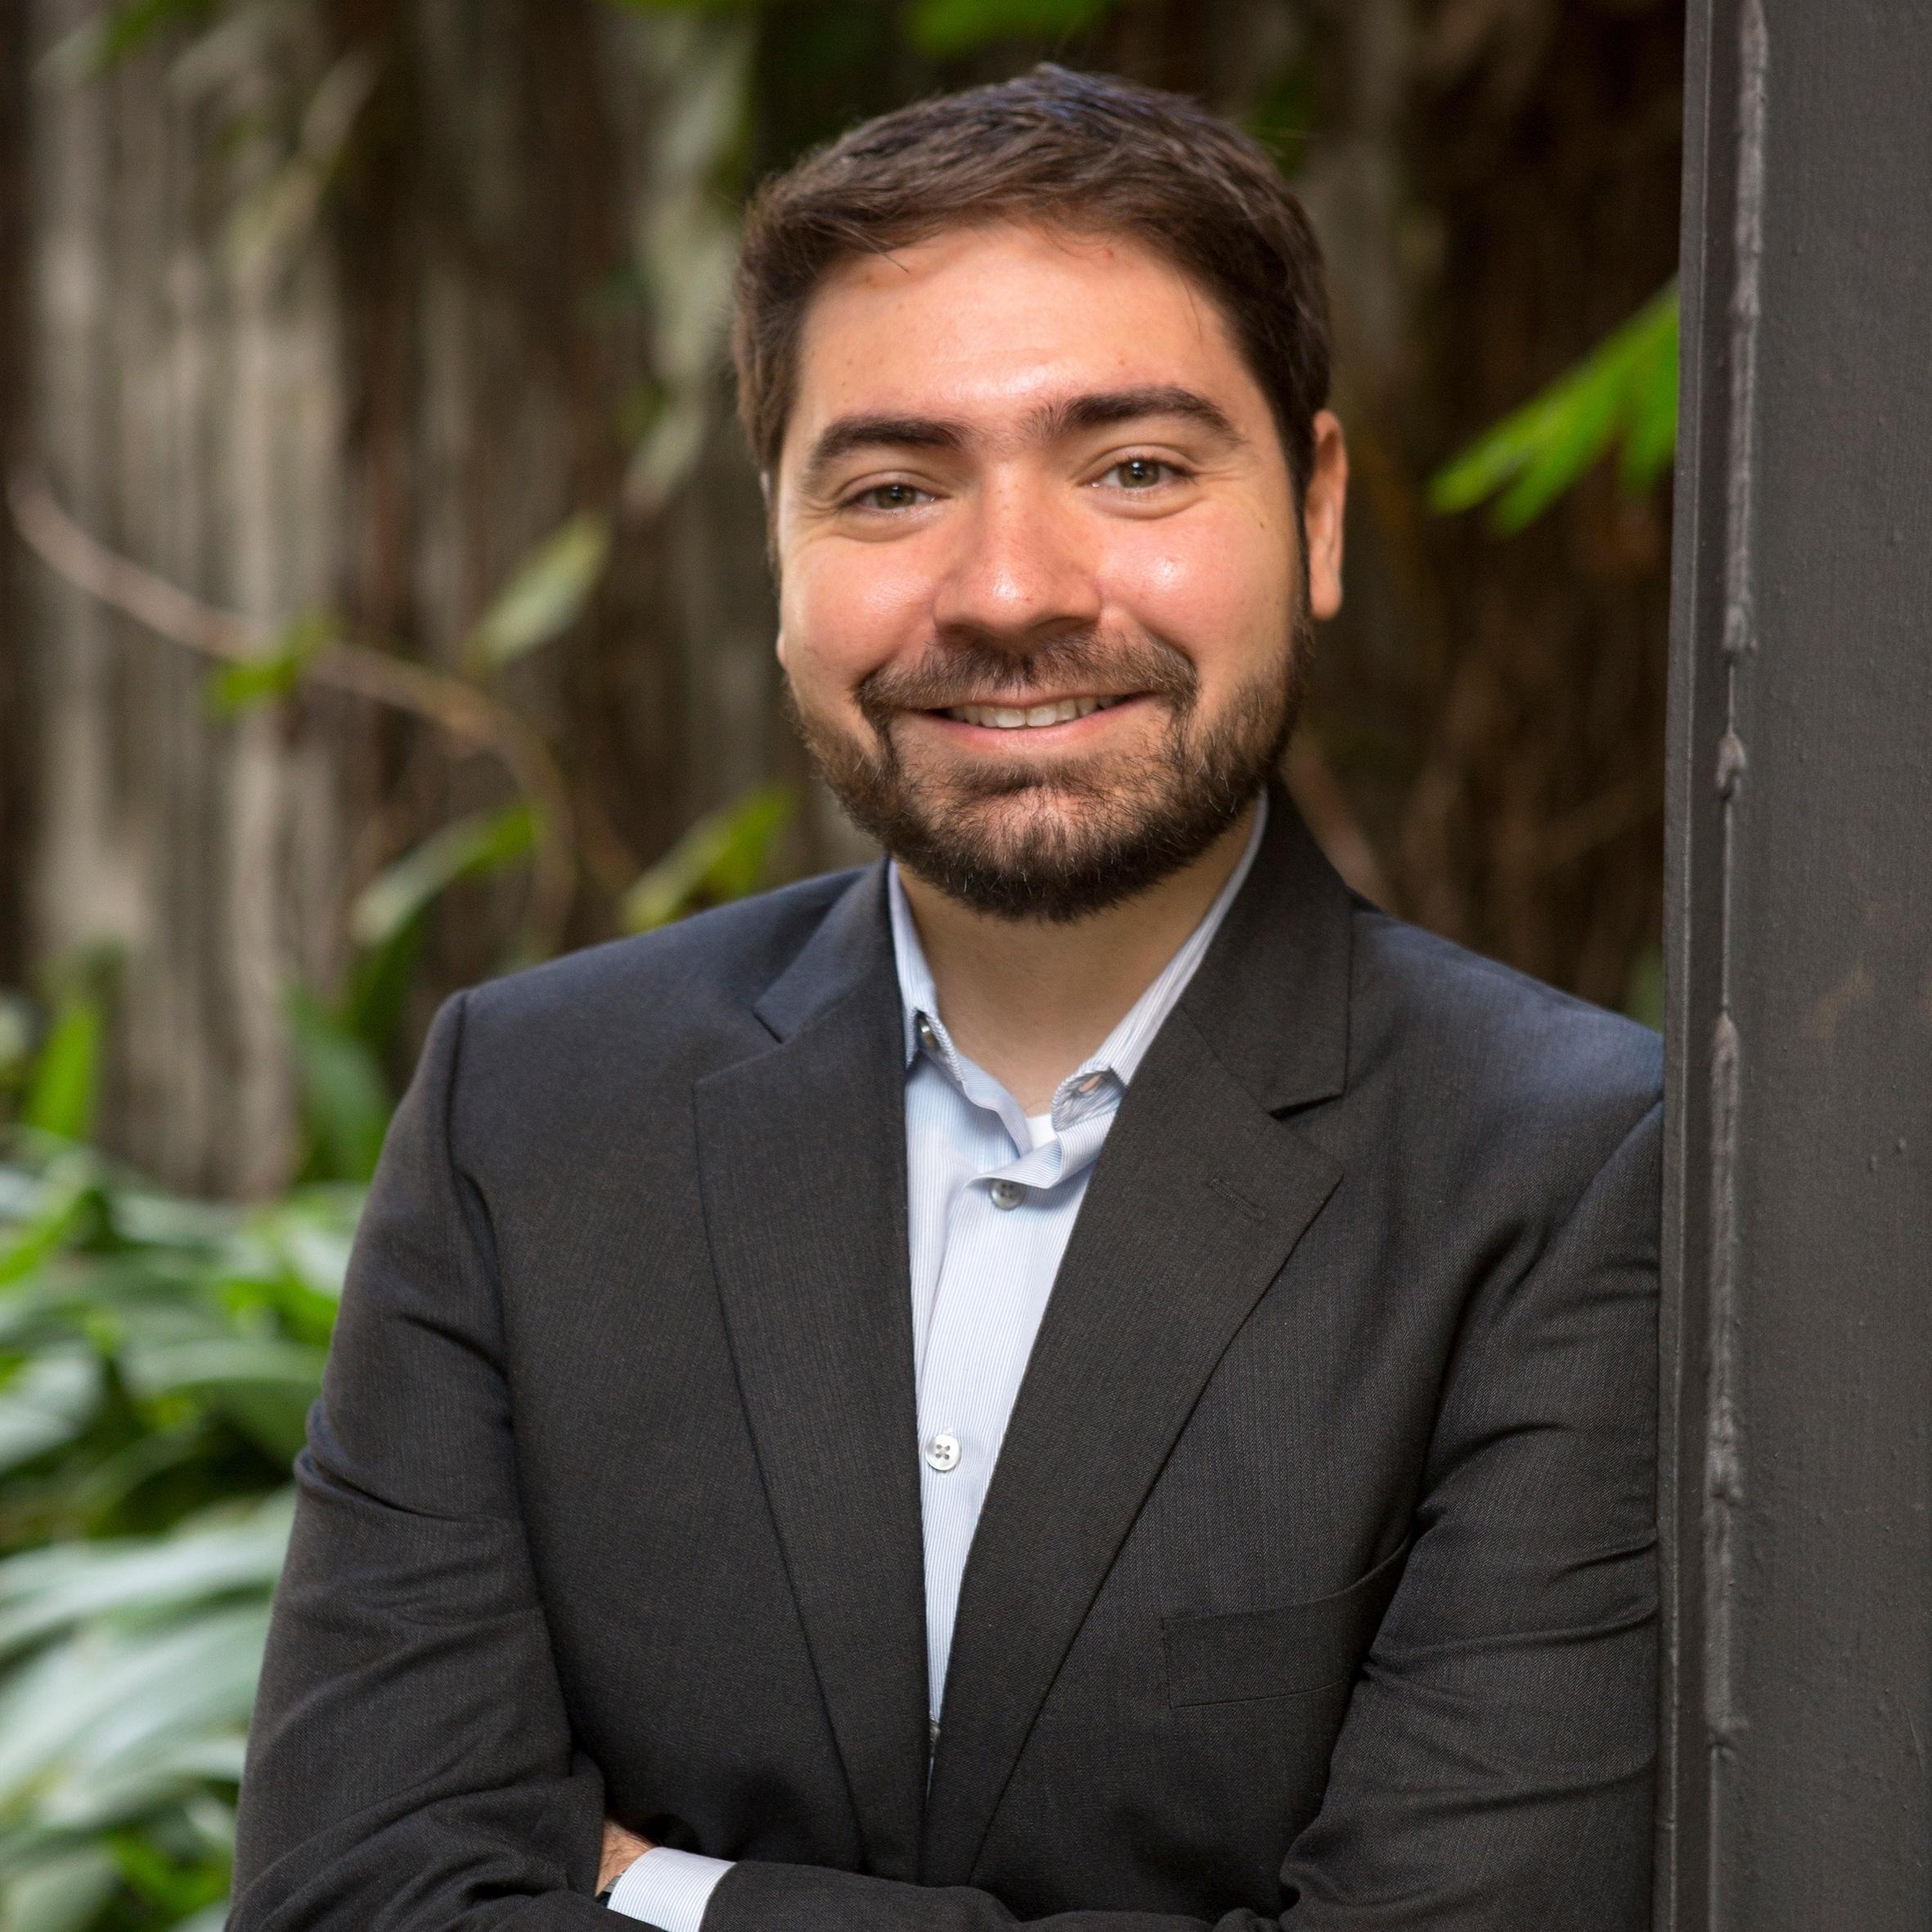 Felipe Jordão